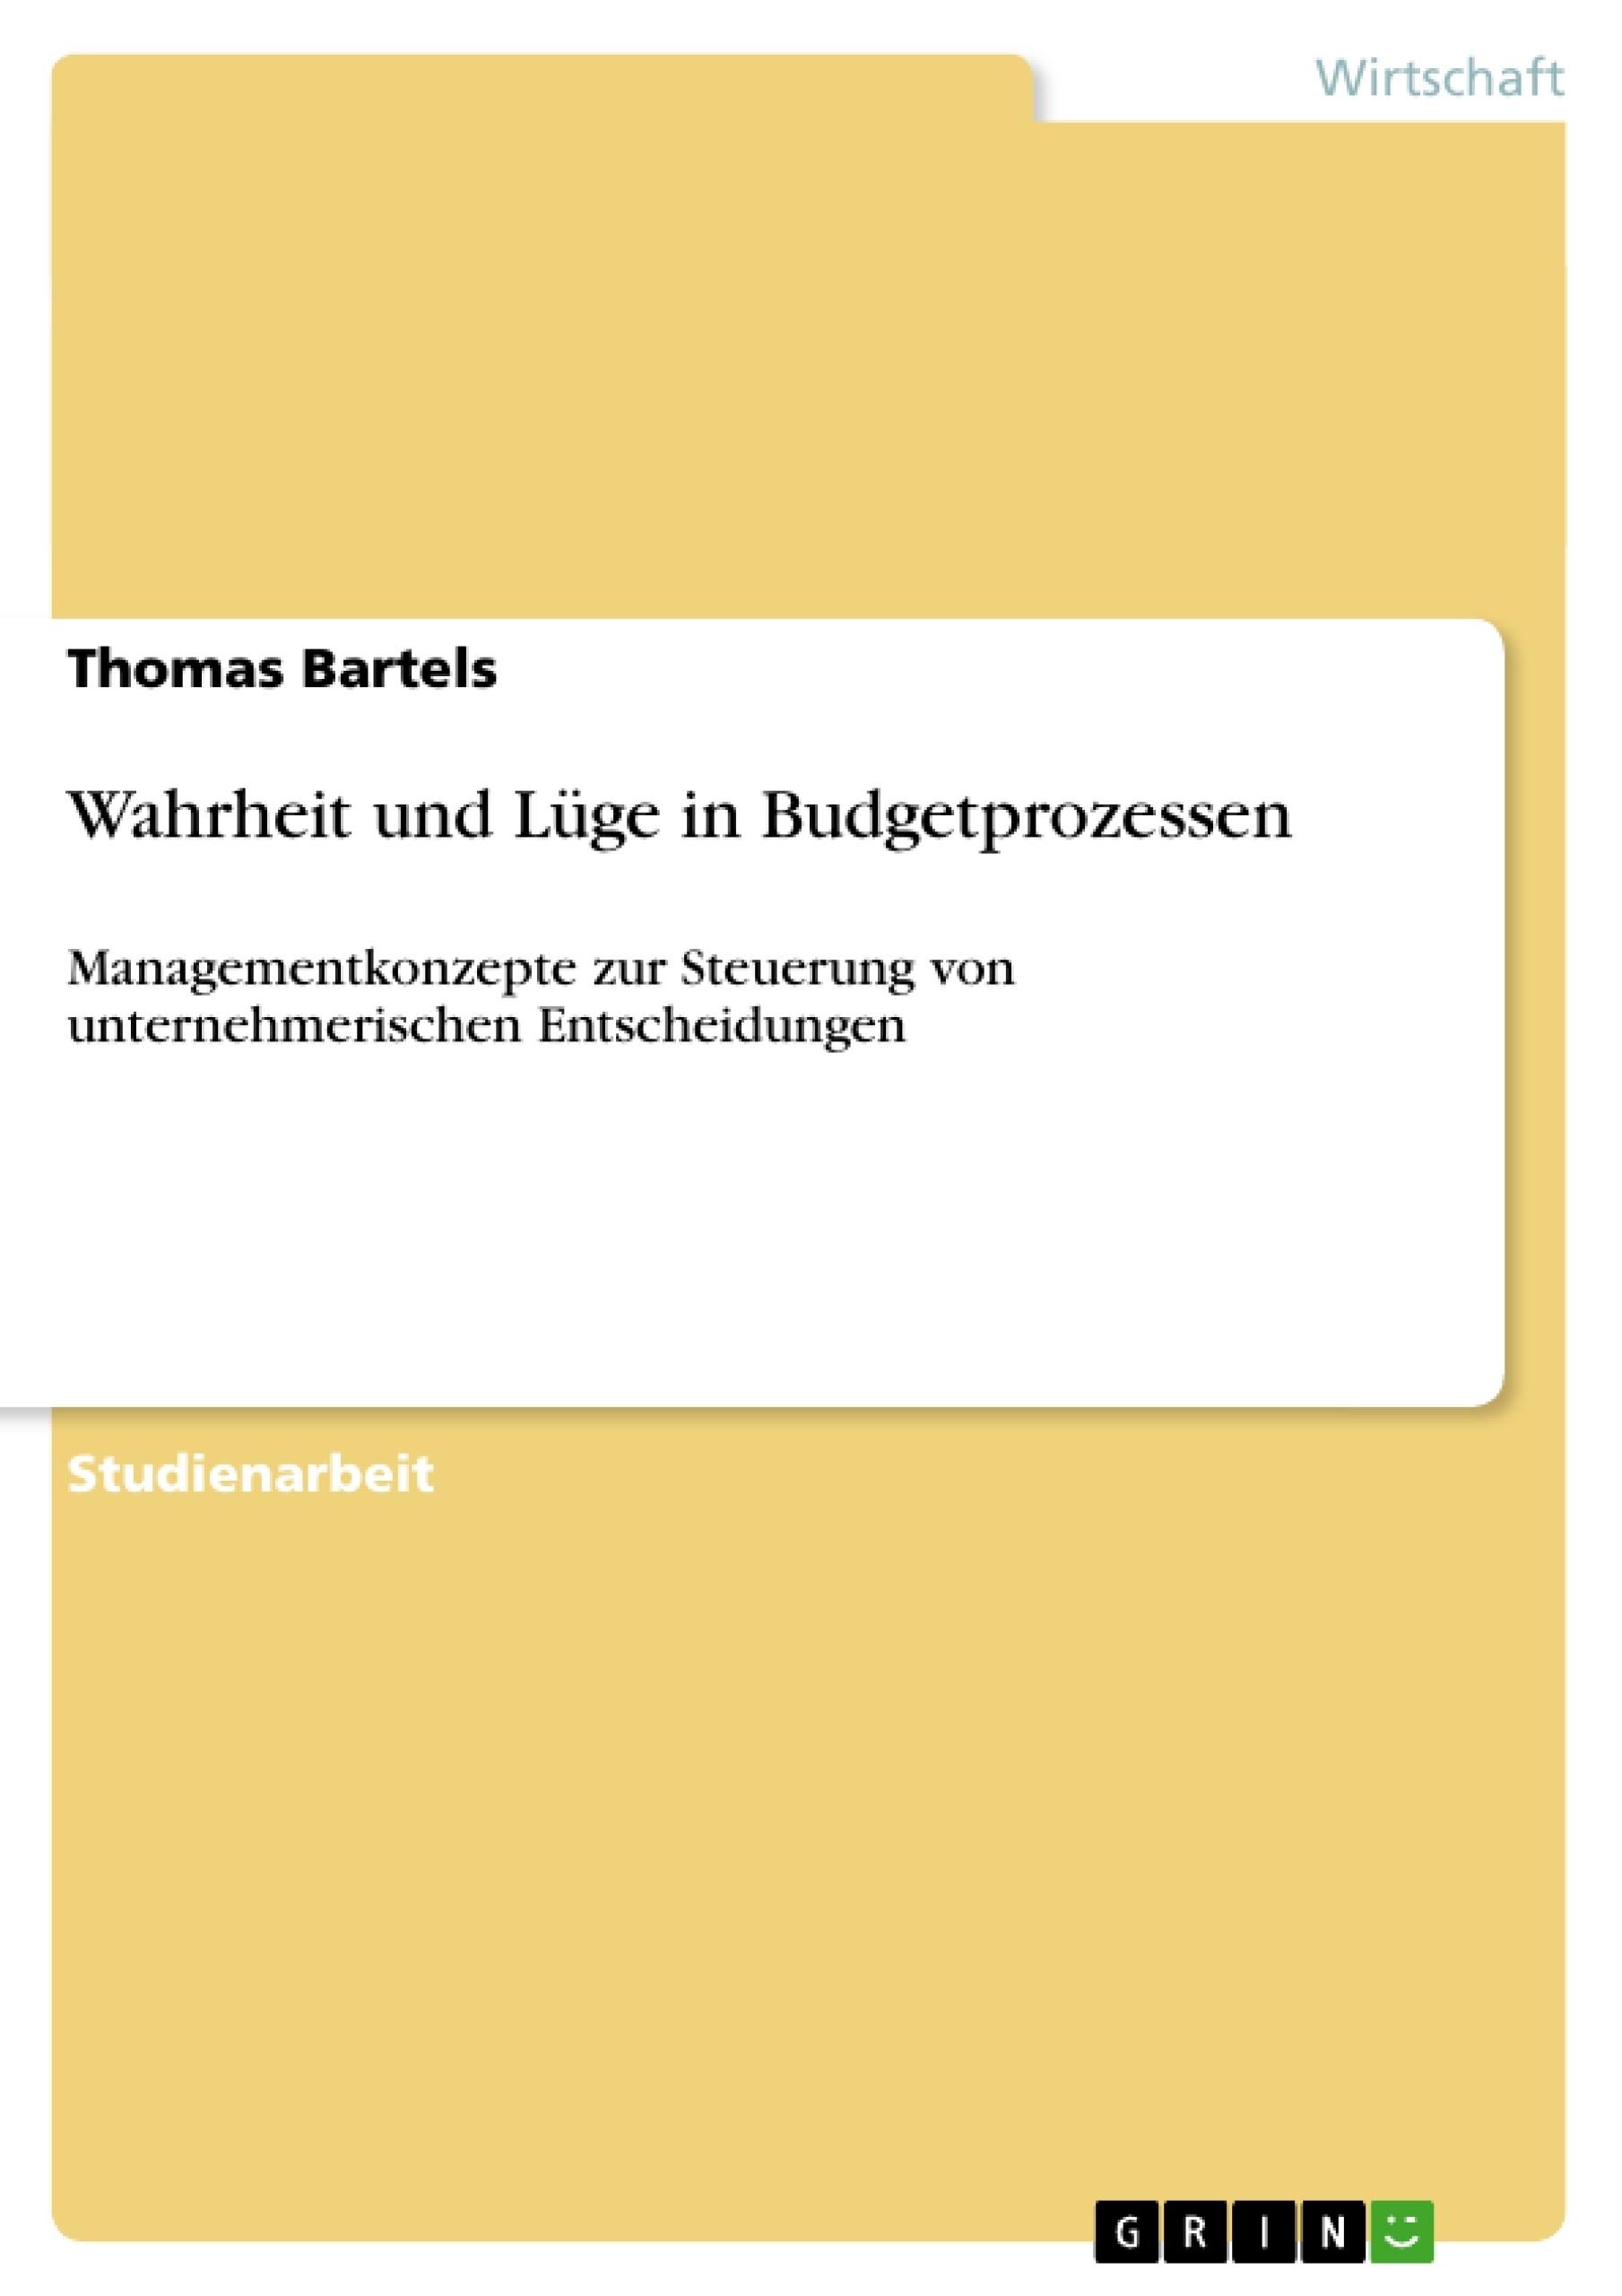 Titel: Wahrheit und Lüge in Budgetprozessen